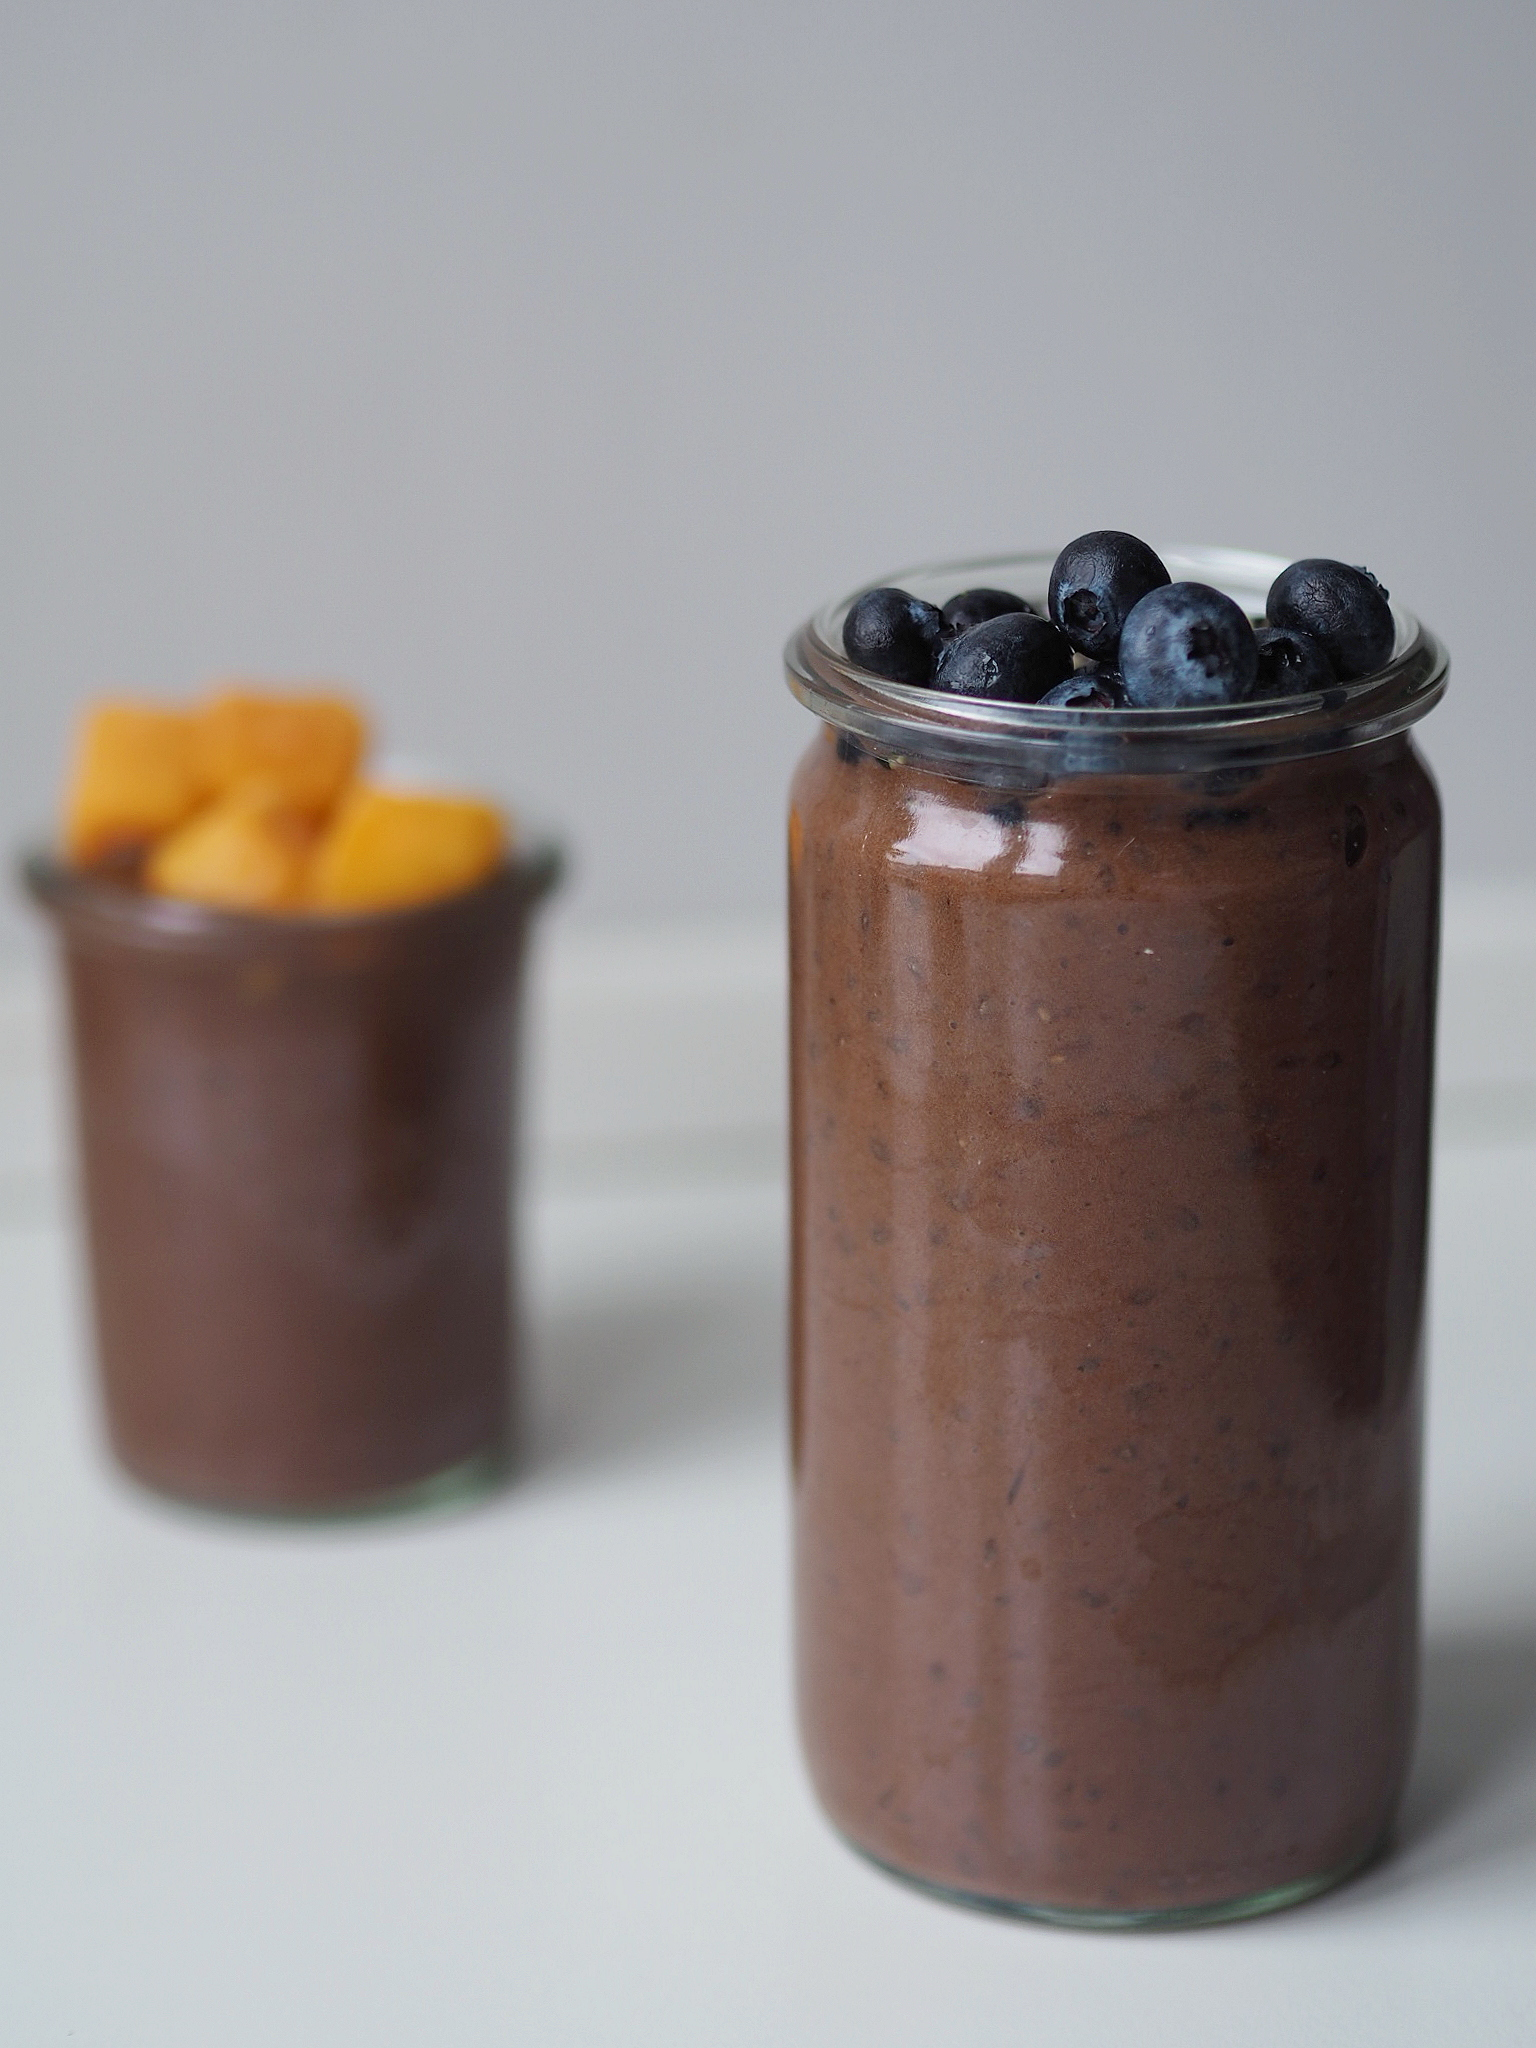 Chiagrød med kakao og avokado